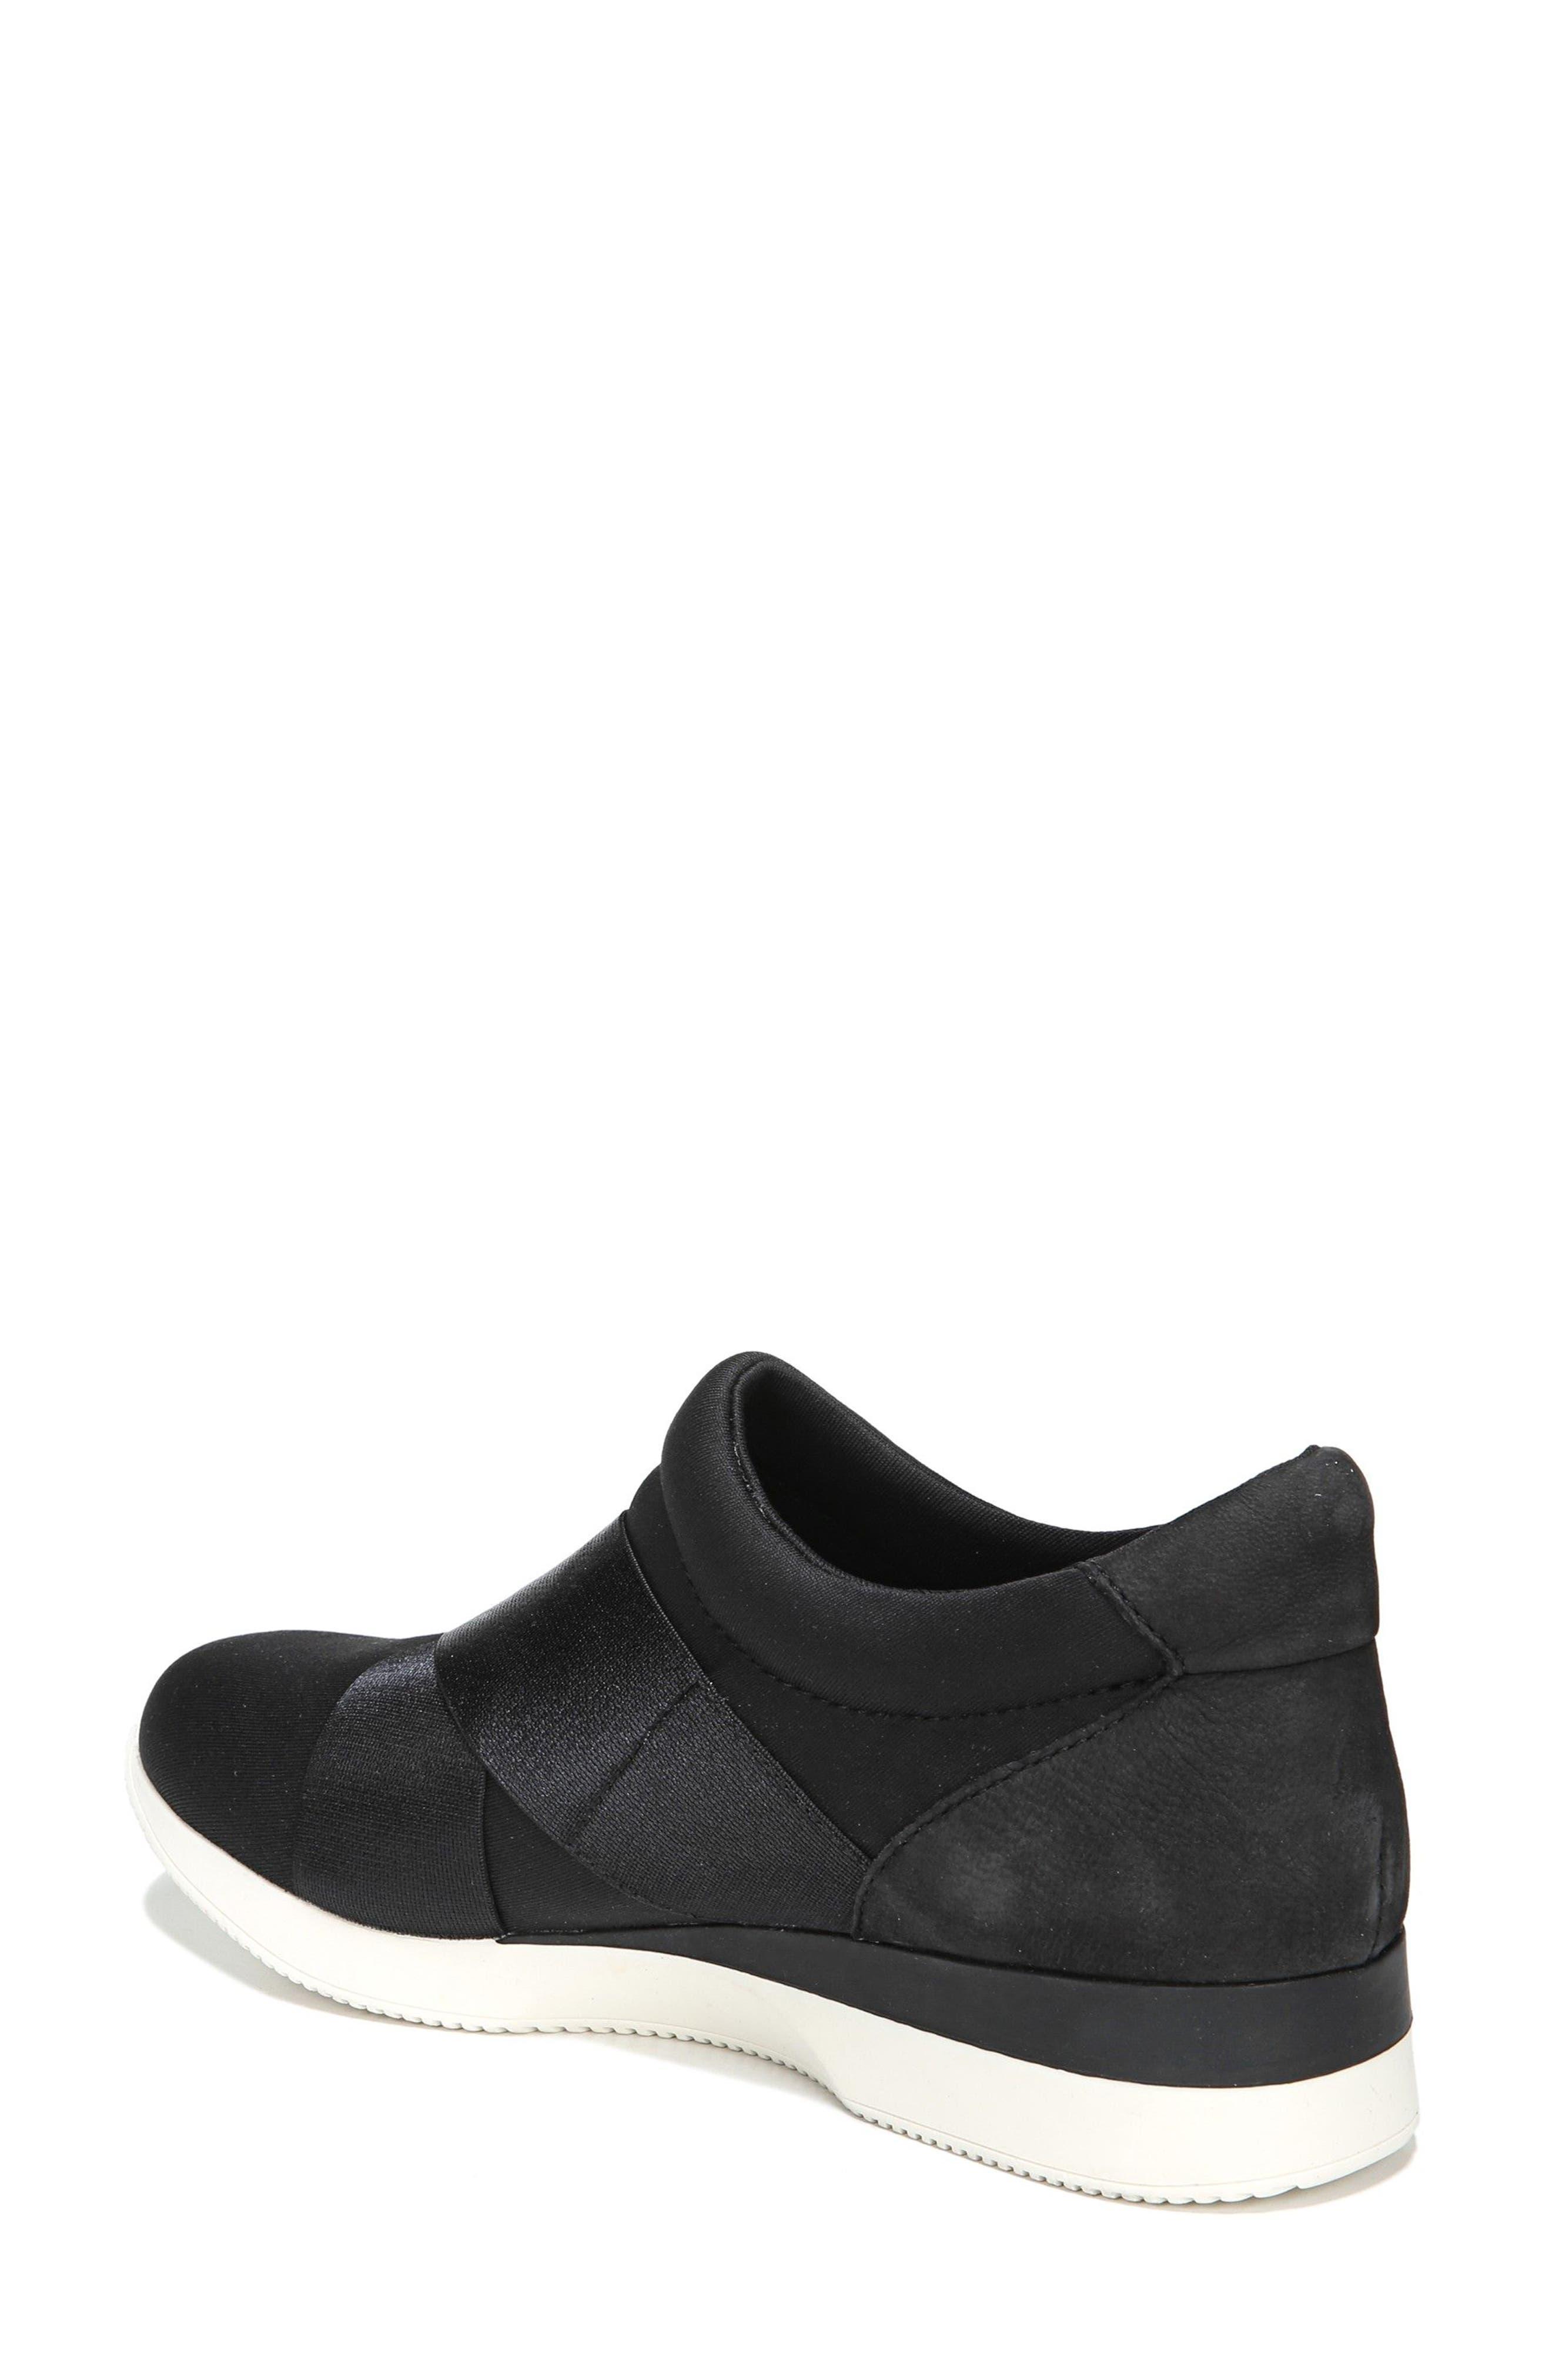 Alternate Image 2  - Naturalizer Joni Slip-On Sneaker (Women)